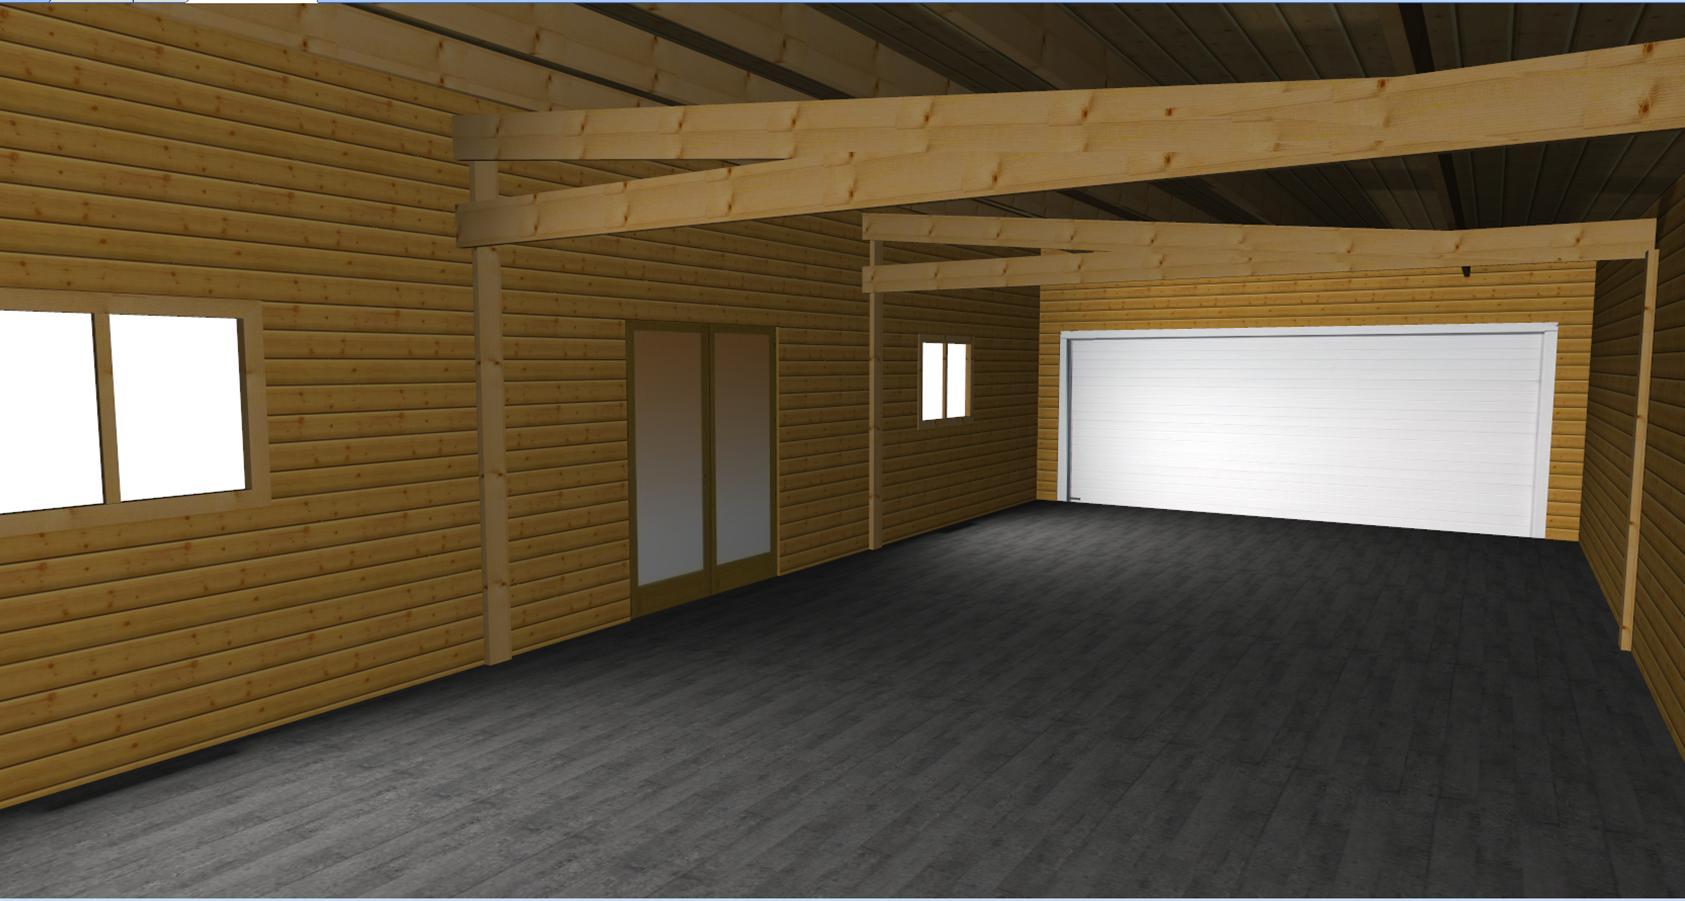 Garage Bois Une Place 3 95 De Large Monopente